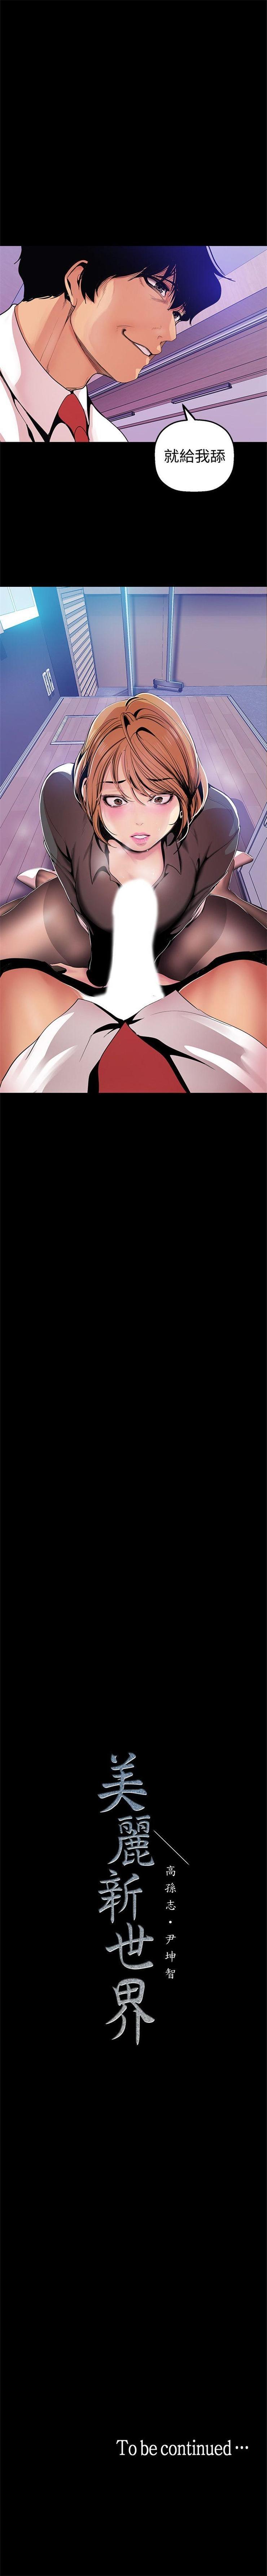 美麗新世界 1-85 官方中文(連載中) 296